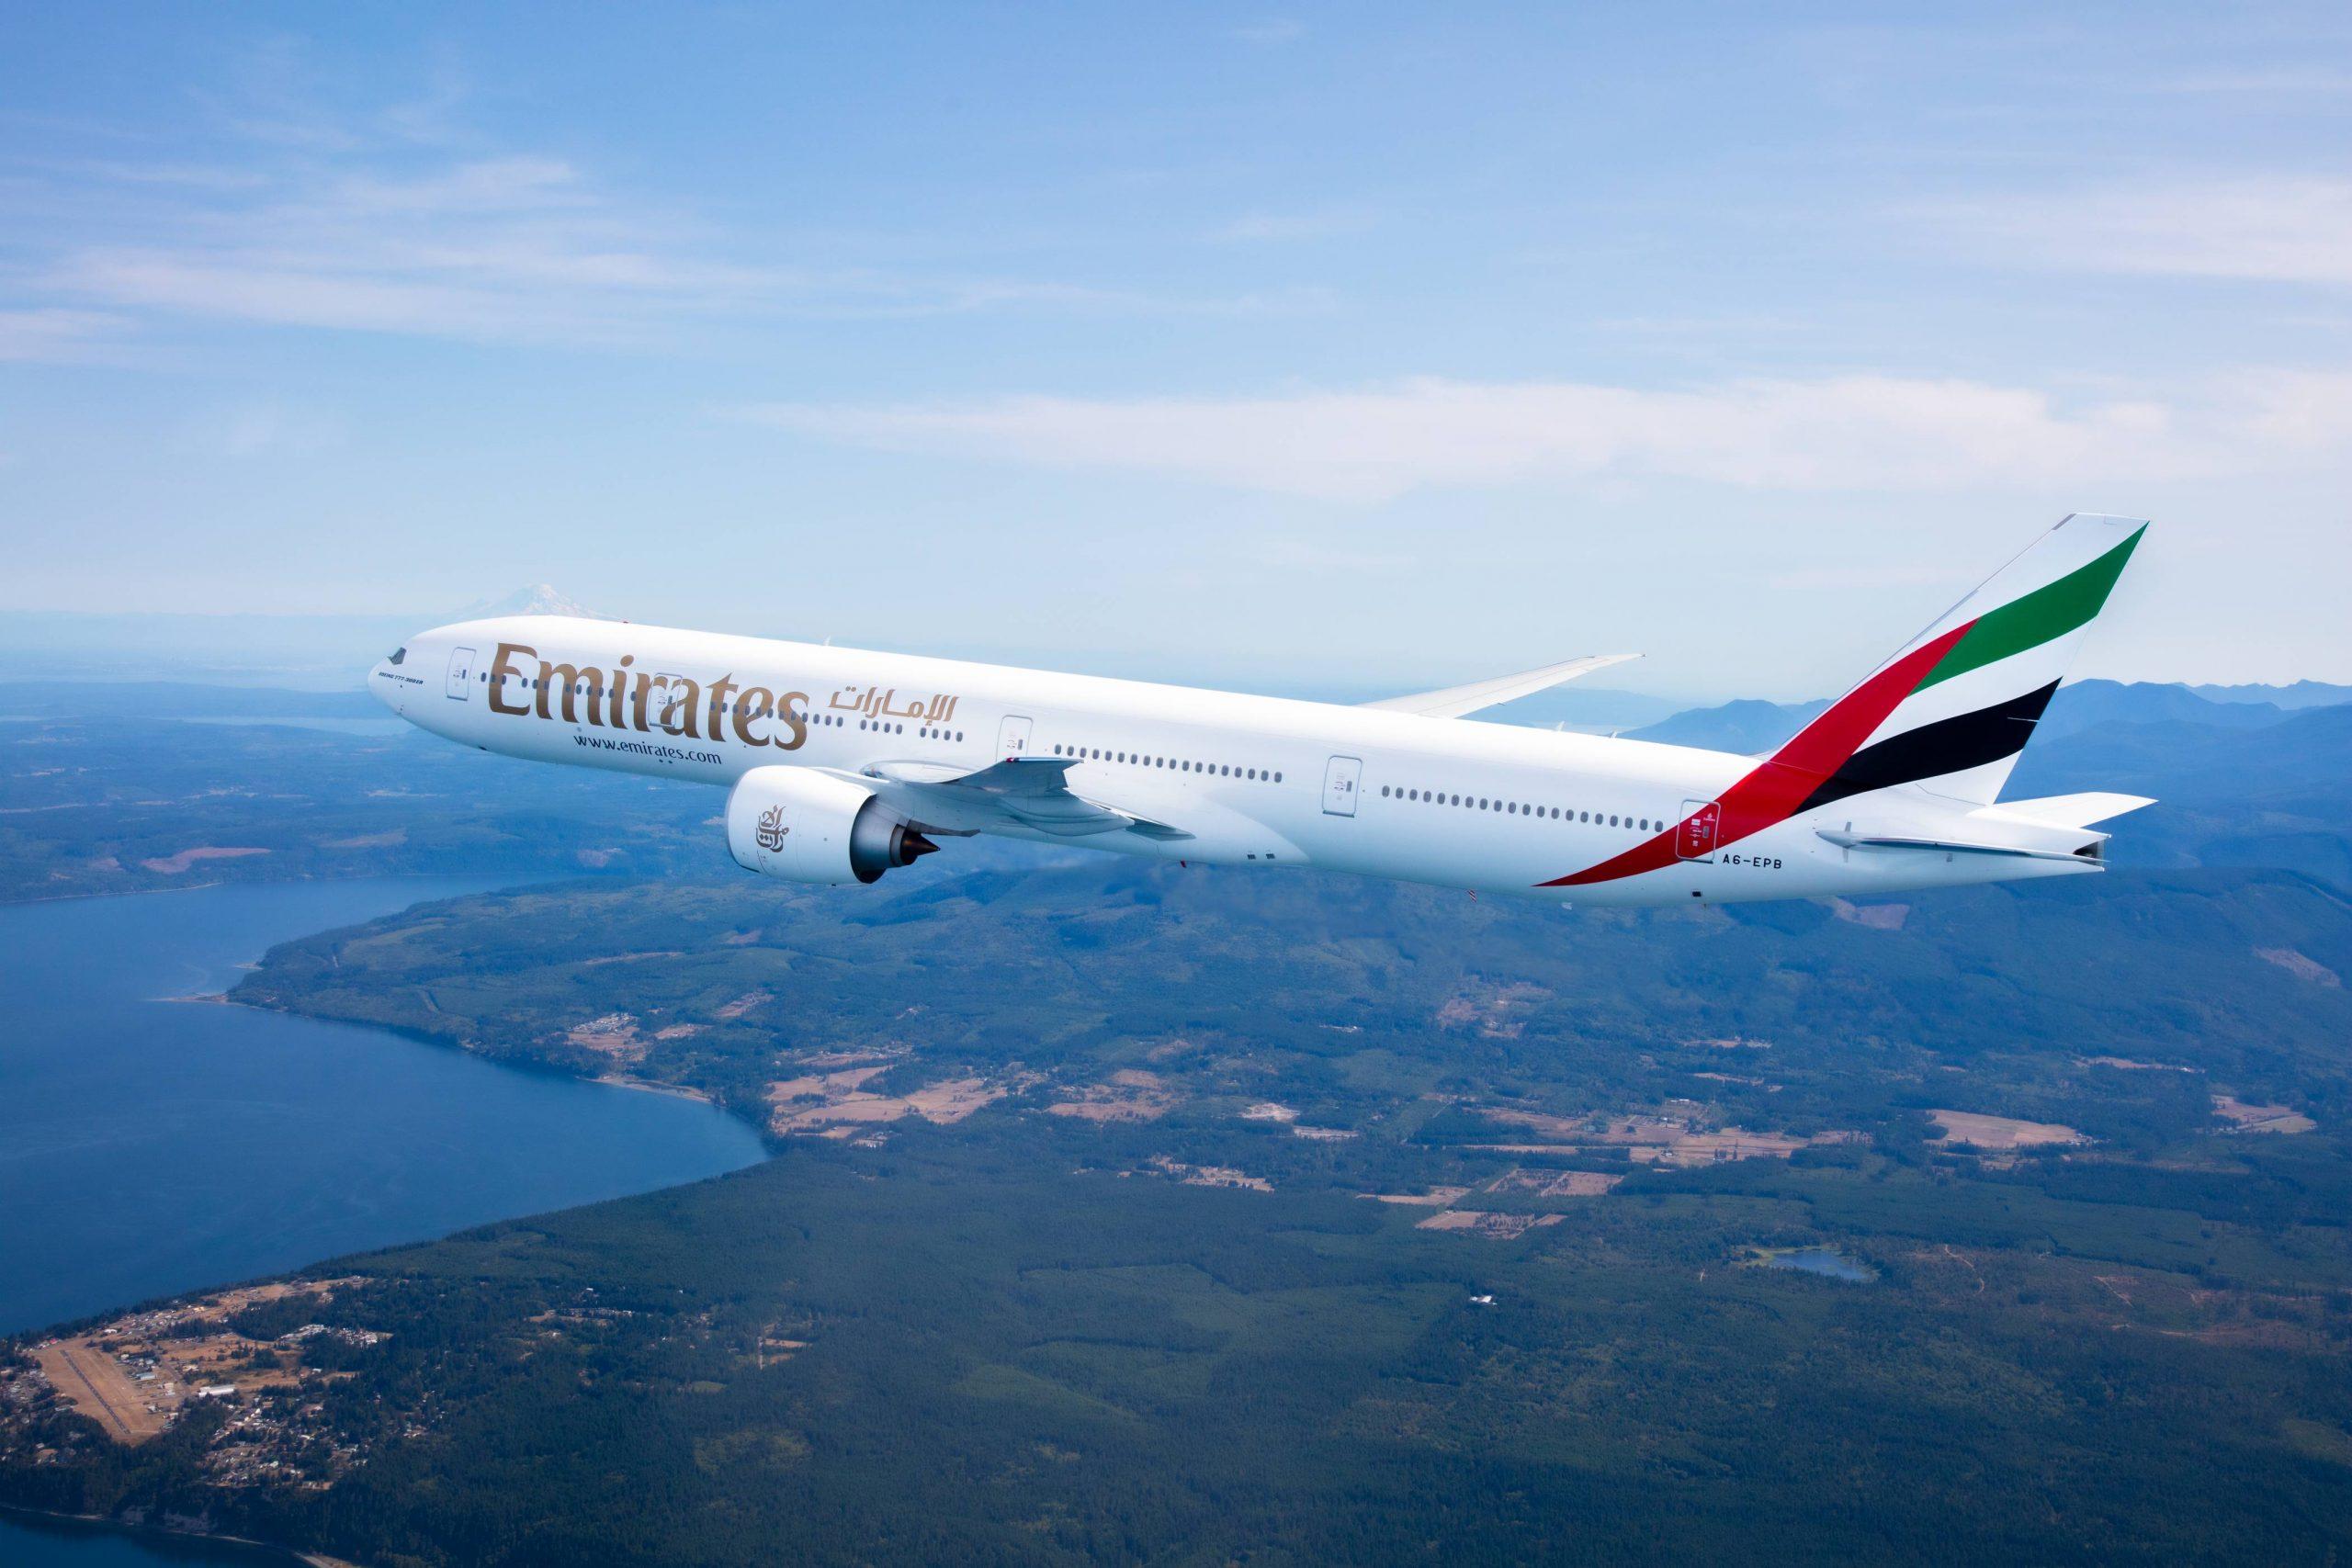 طيران الإمارات توفر رحلات للمسافرين إلى 29 مدينة